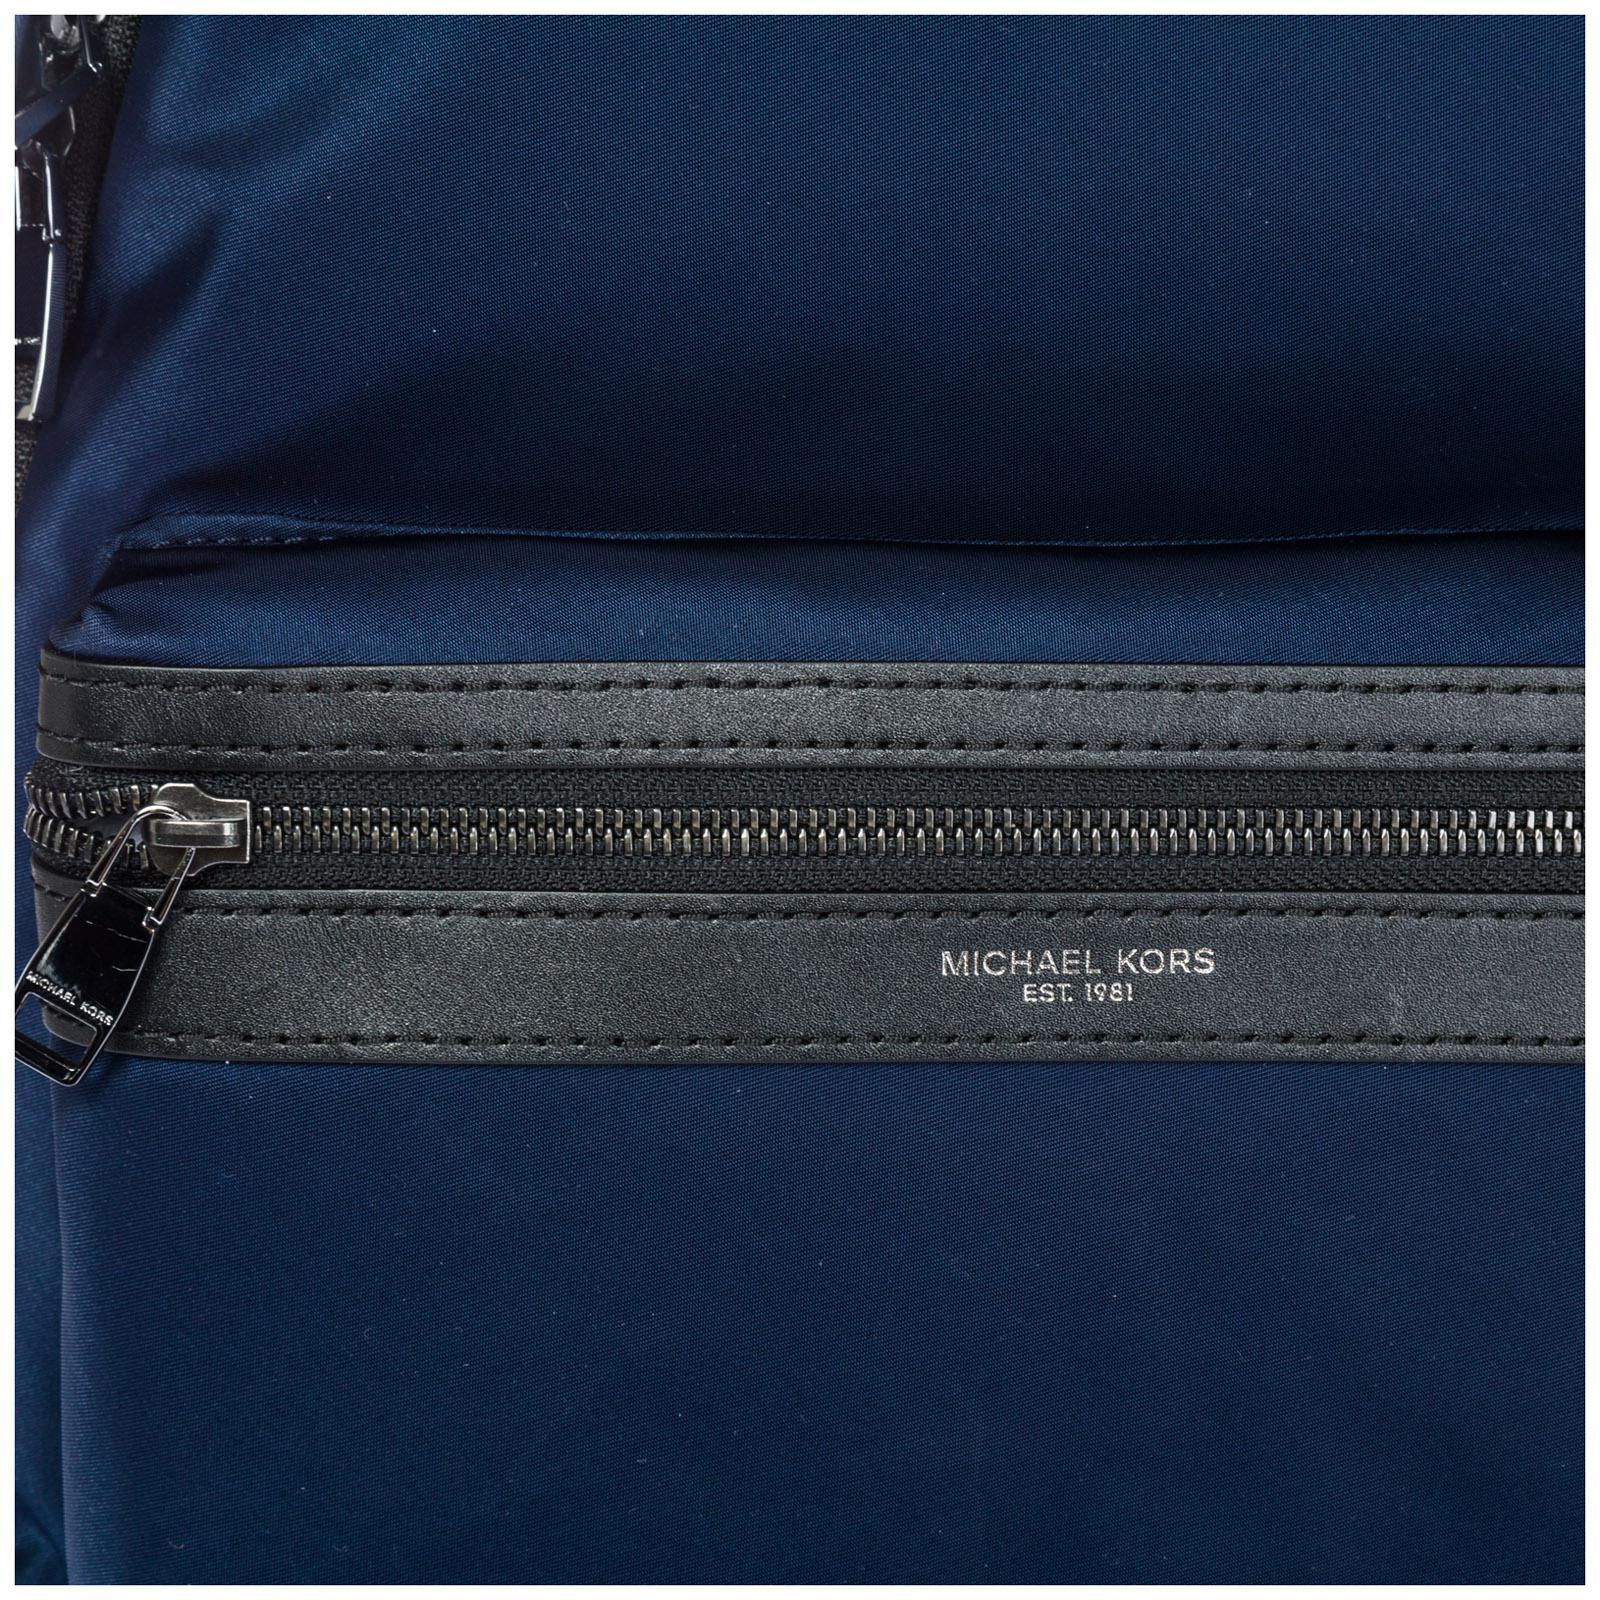 6063fa5cdc47 Michael Kors - Blue Nylon Rucksack Backpack Travel for Men - Lyst. View  fullscreen